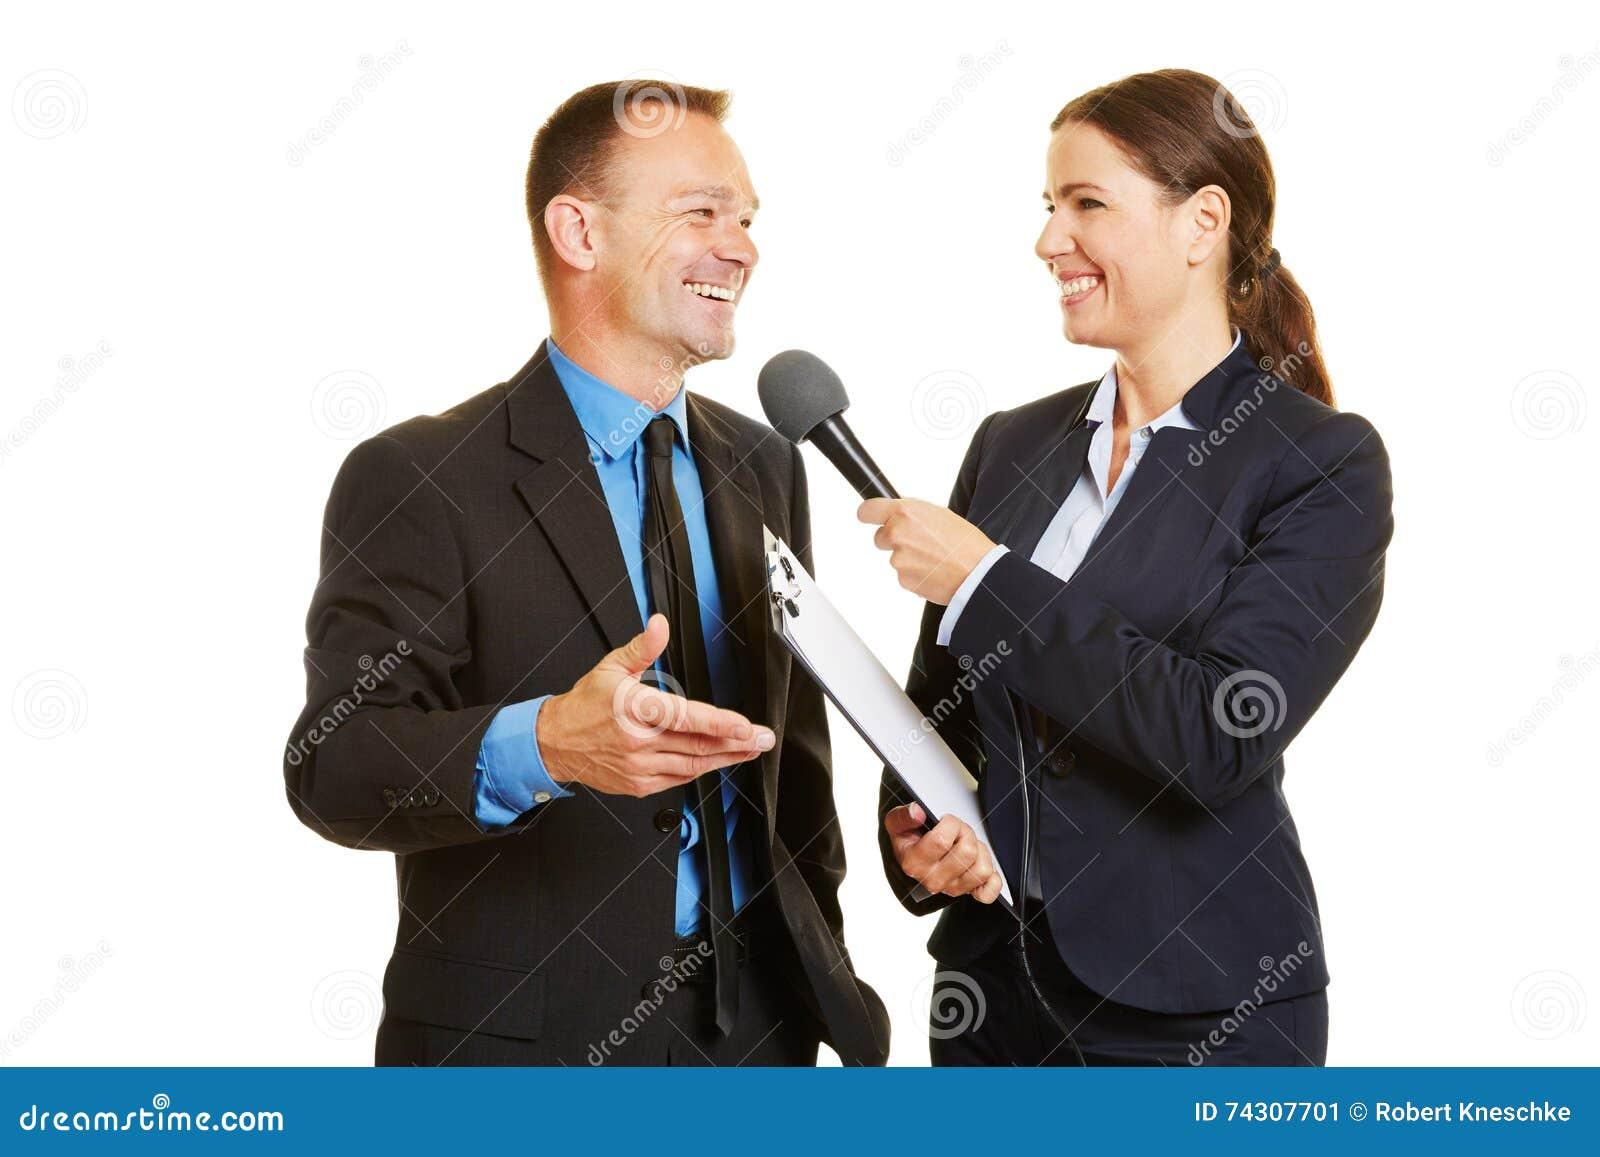 接受采访的商业公司的CEO媒介